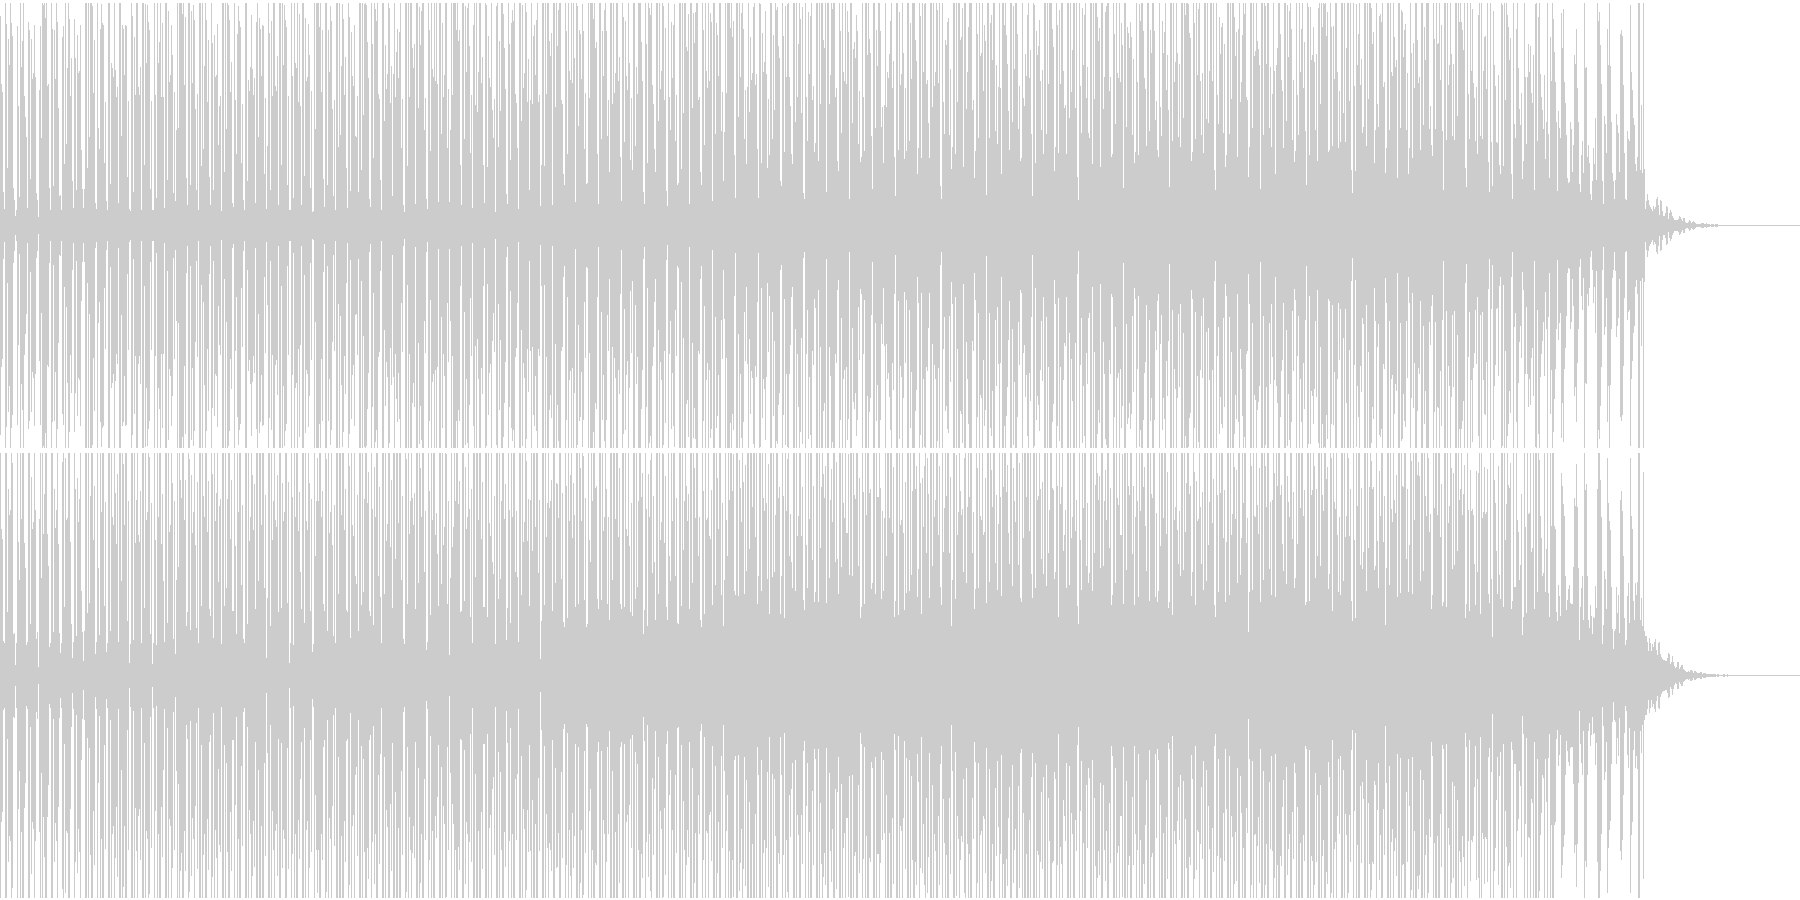 BPM120速めバックミュージックの未再生の波形